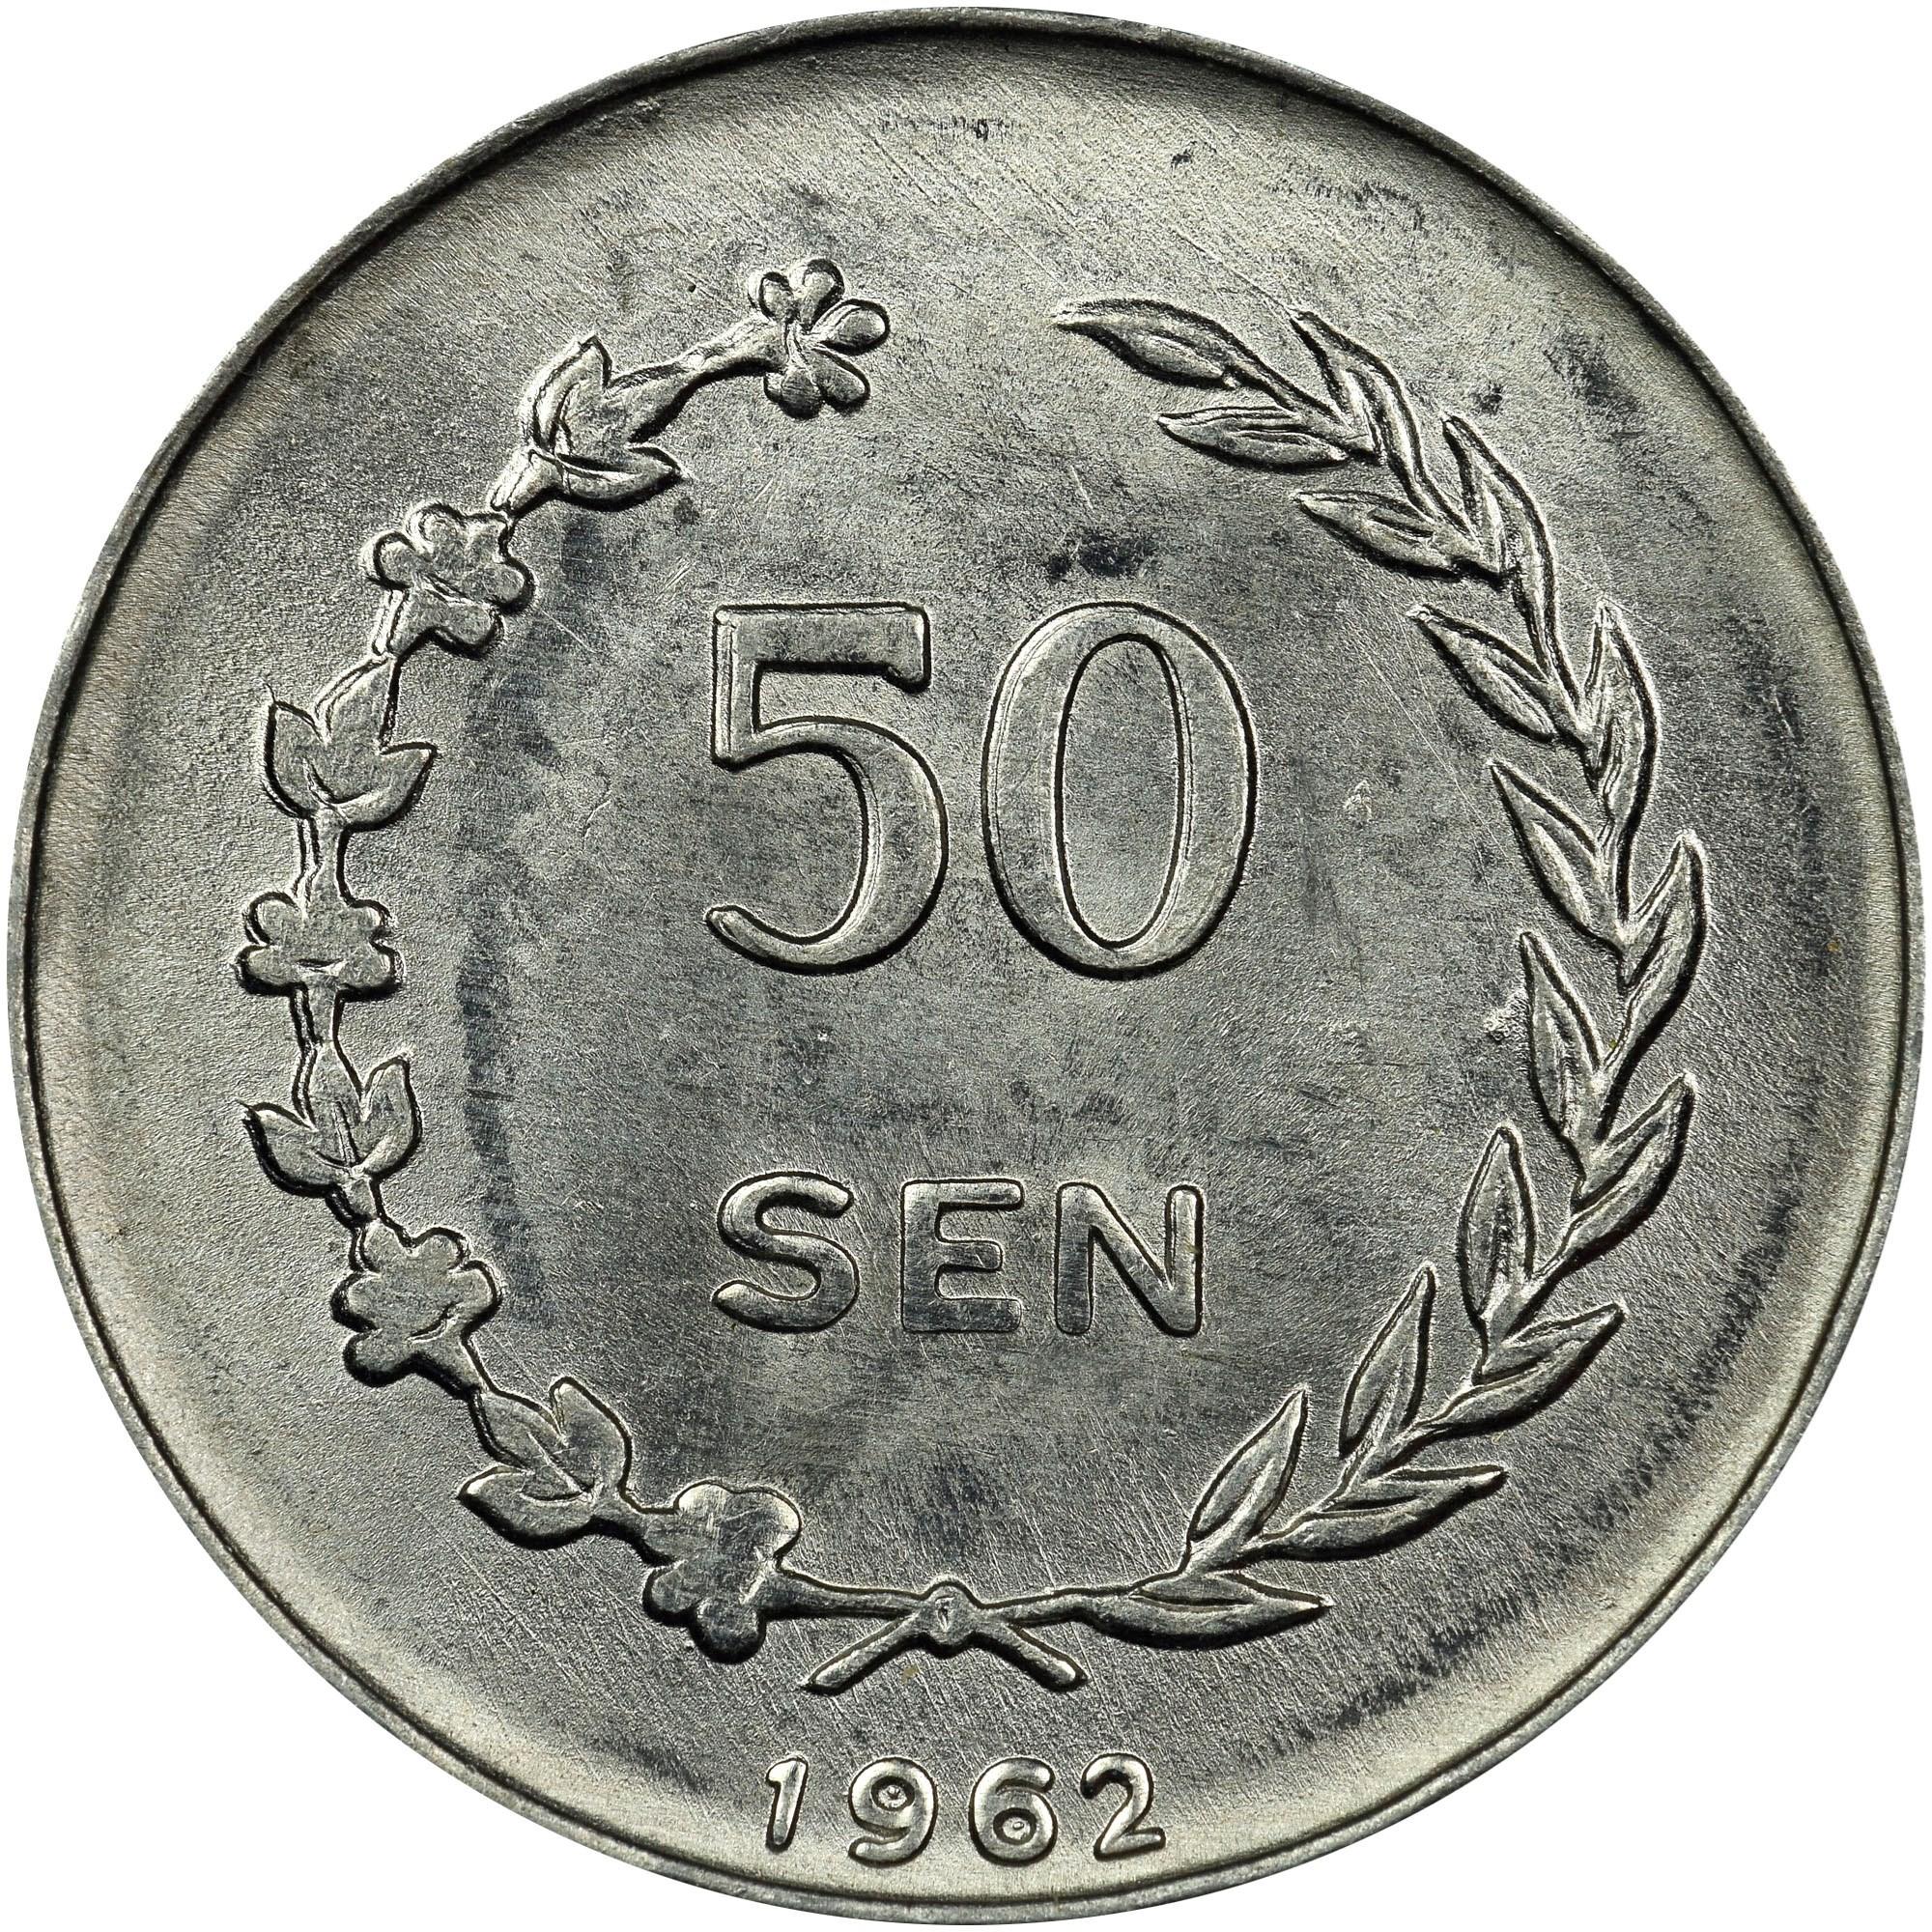 Indonesia RIAU ARCHIPELAGO 50 Sen reverse